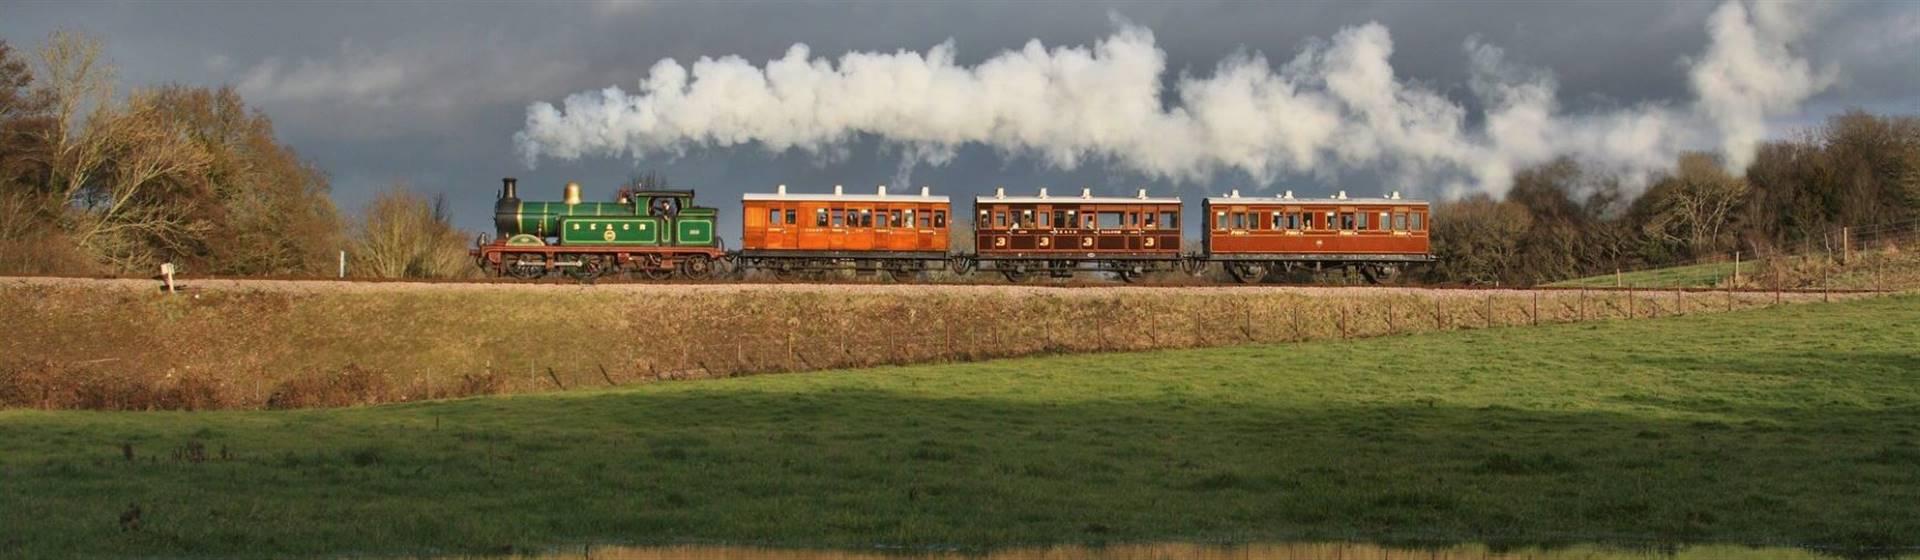 """<img src=""""bluebellrailwayseptember2019.jpeg"""" alt=""""Bluebell Railway""""/>"""